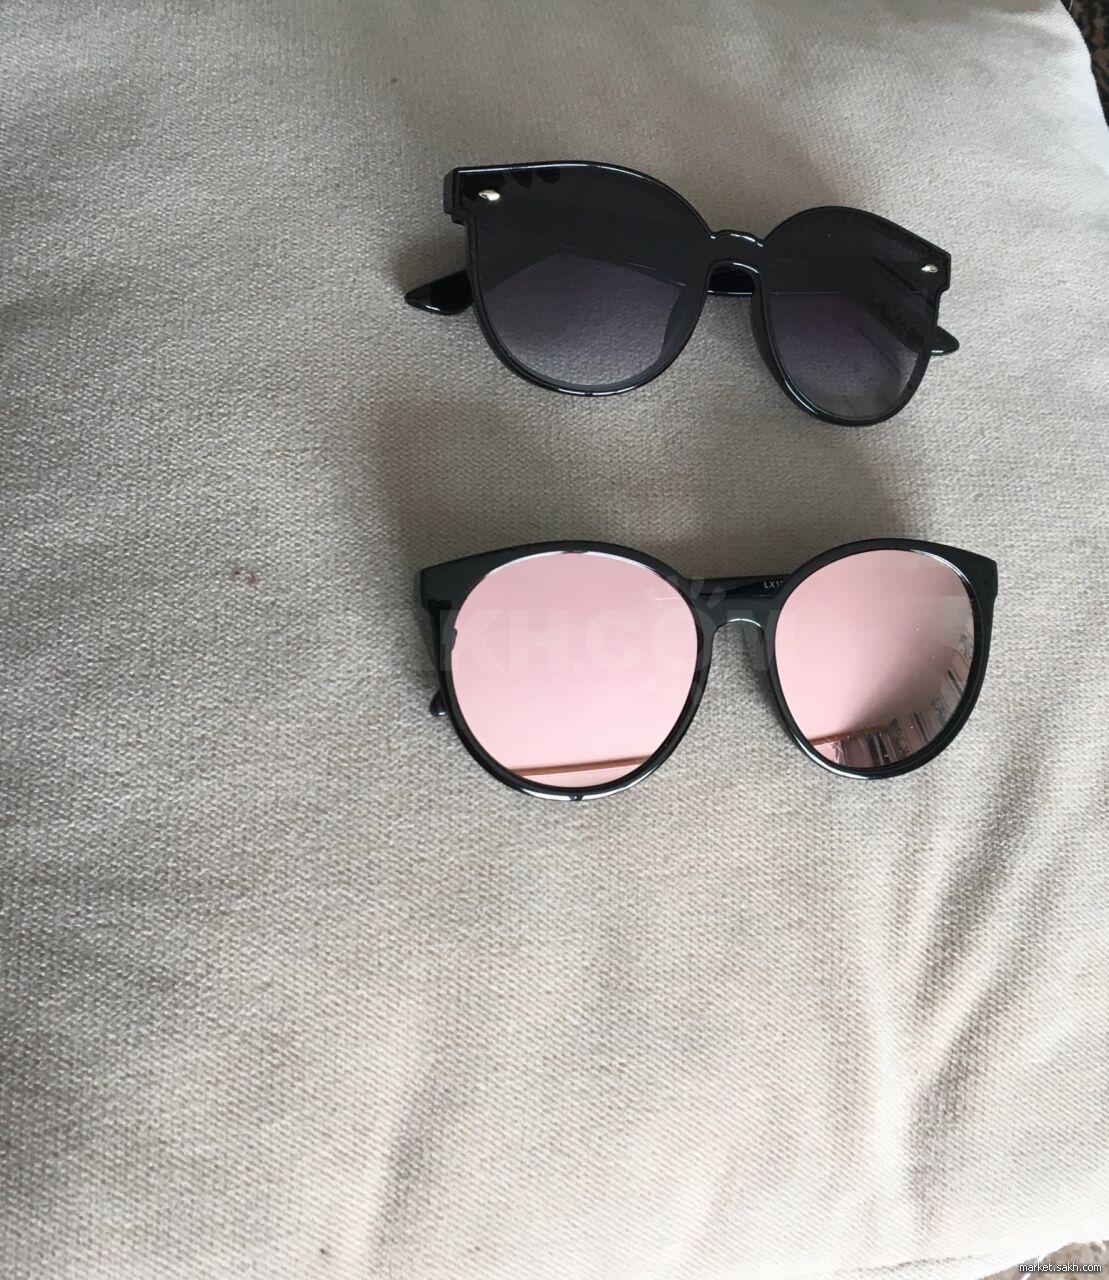 4d6bdd19e2a9 Солнечные очки - 500 руб. Одежда, обувь и аксессуары. Аксессуары ...